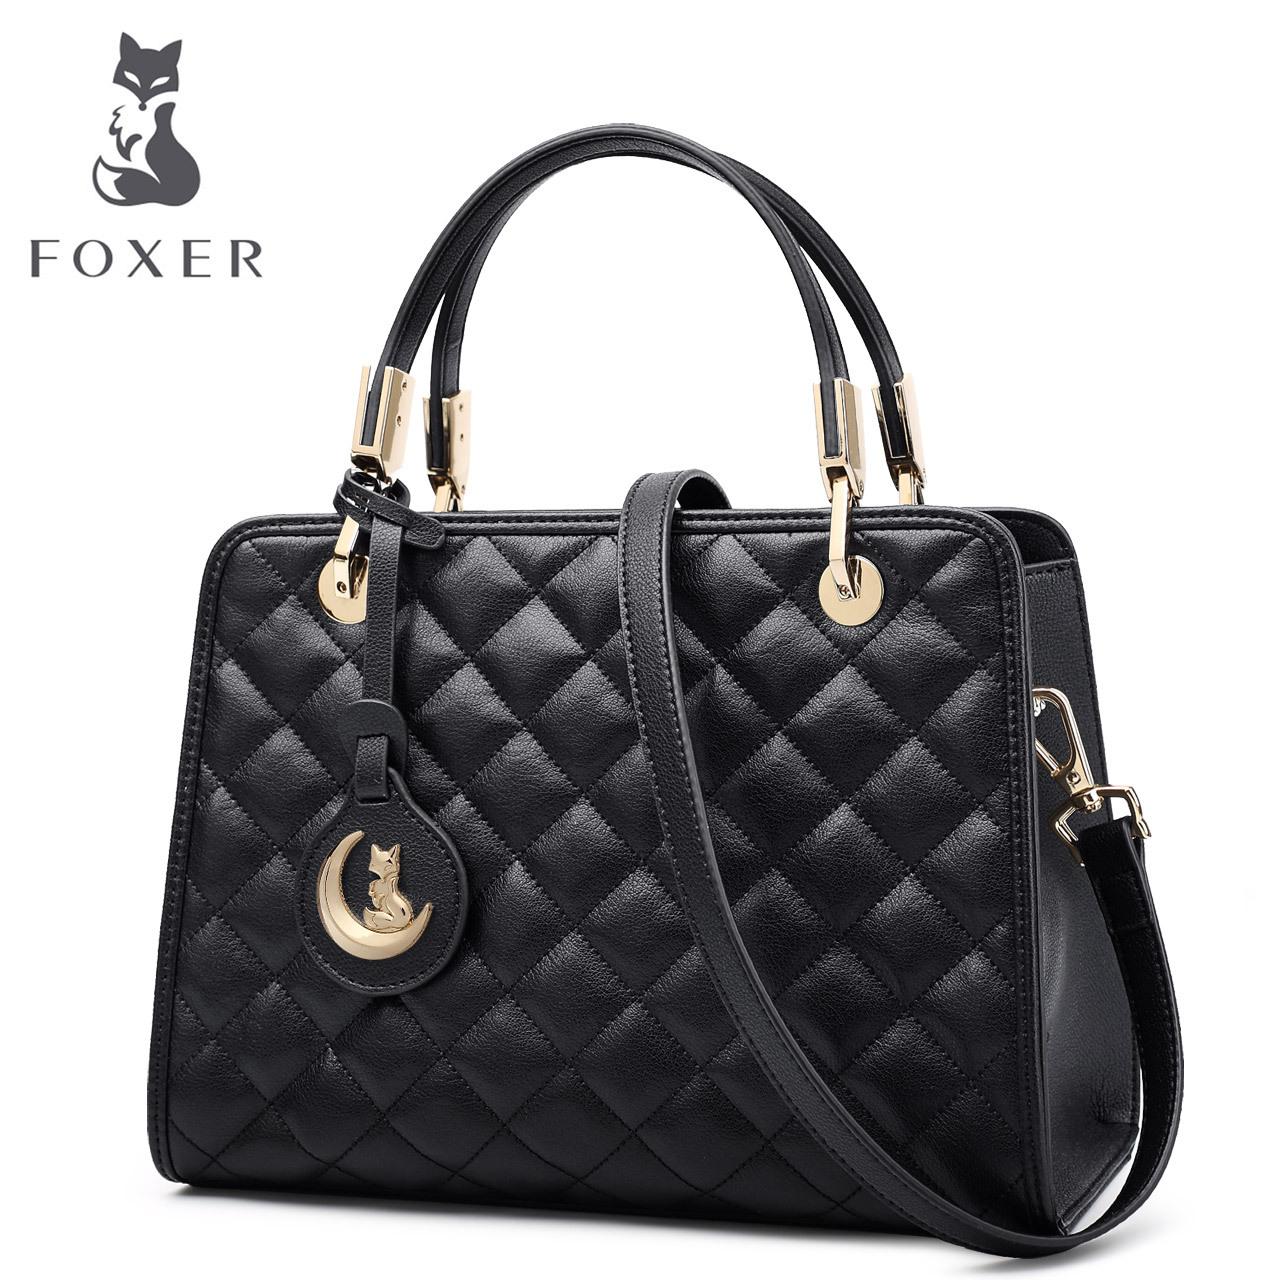 FO奢侈品女包国际大牌潮手提包时尚菱格单肩包女士斜挎包牛皮小包